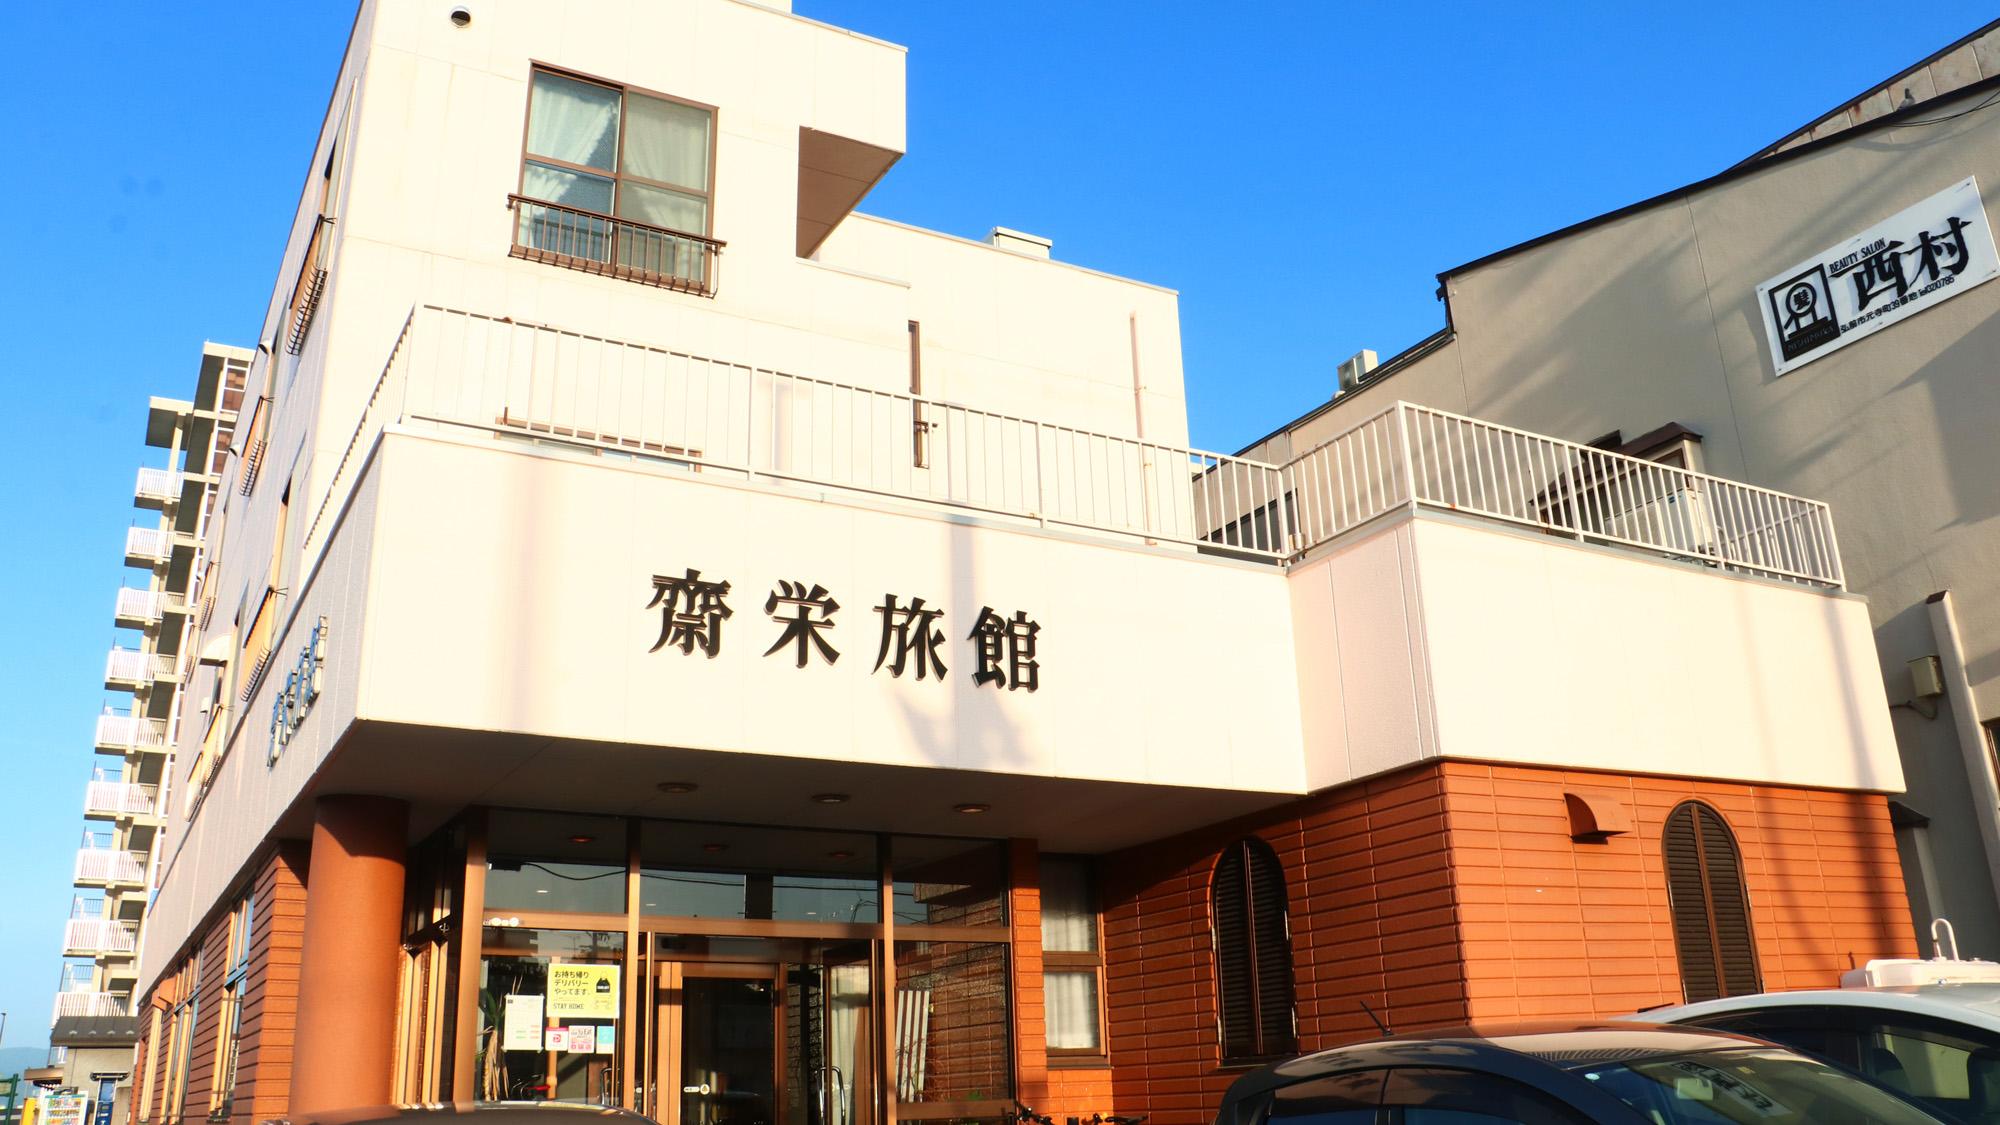 弘前周辺のホテル予約・温泉宿予約はGポイントトラベル